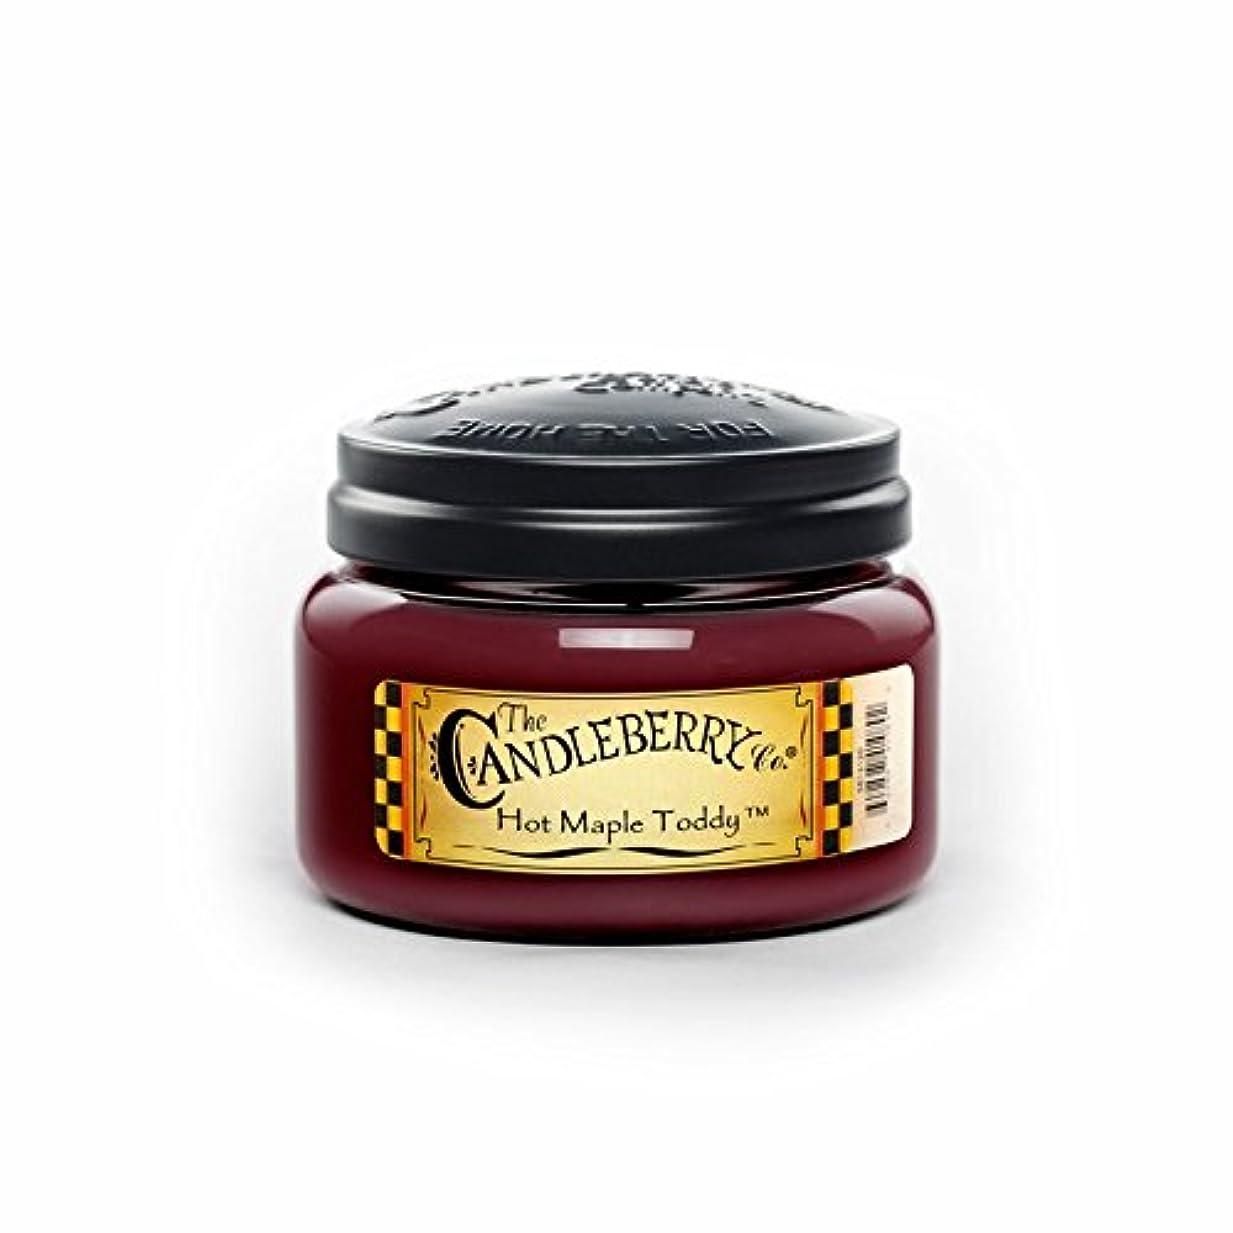 さらに豚ベーリング海峡ホットMaple Toddy Toddy 10オンスJar Candleberry Small Candle